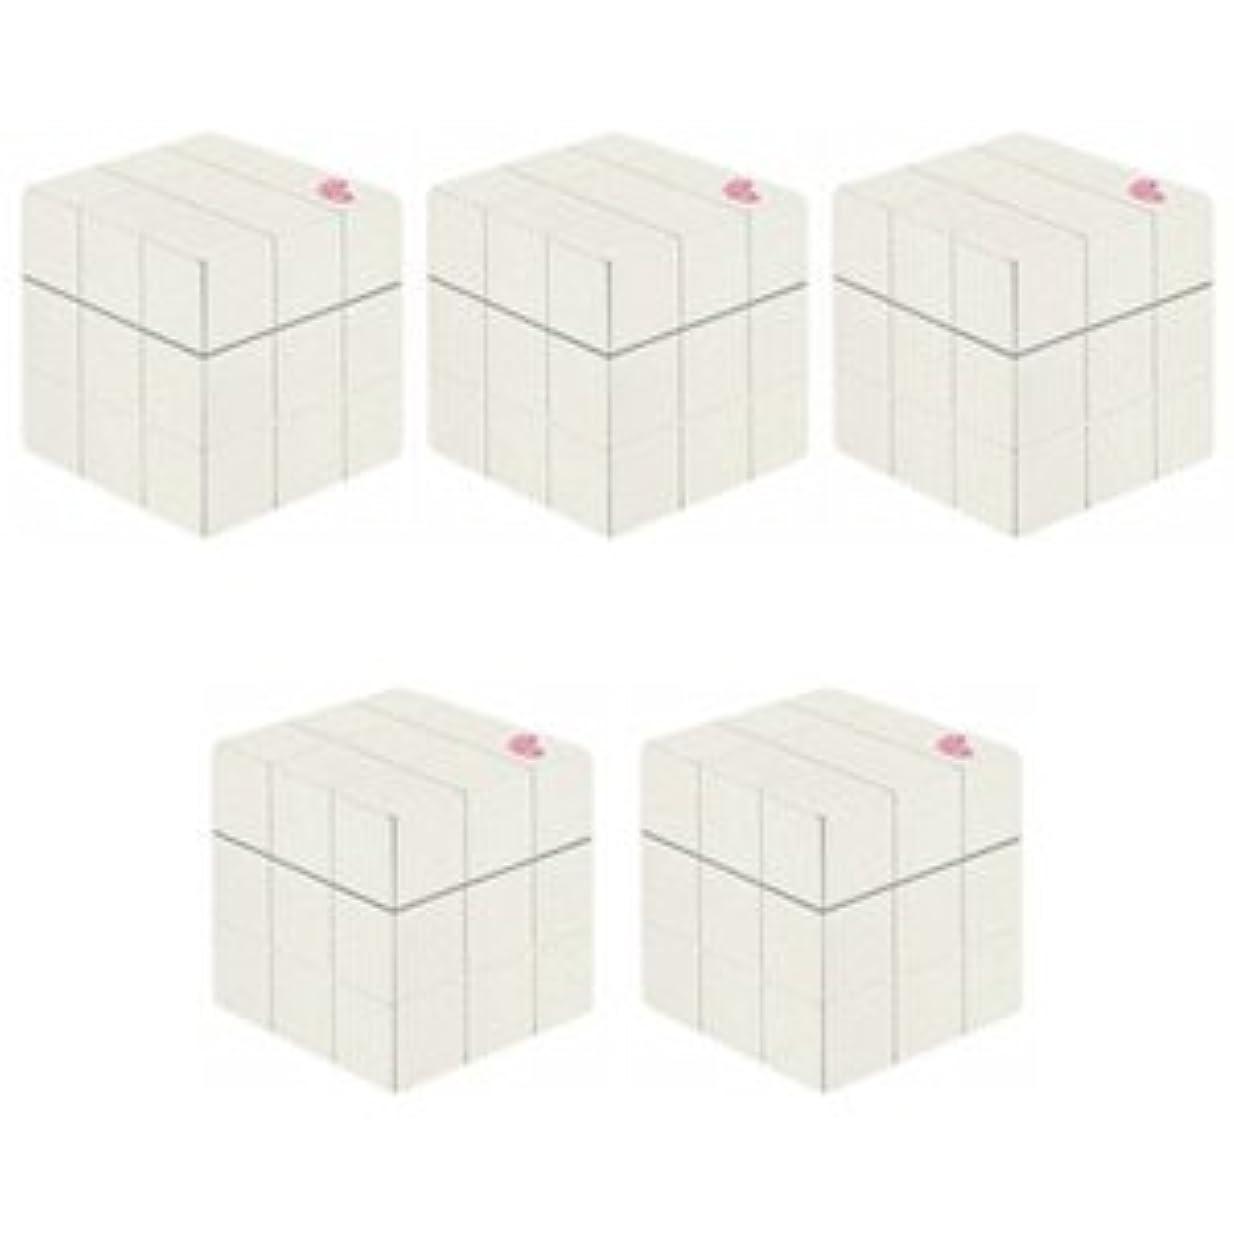 錆びクレデンシャル純度【X5個セット】 アリミノ ピース プロデザインシリーズ グロスワックス ホワイト 80g